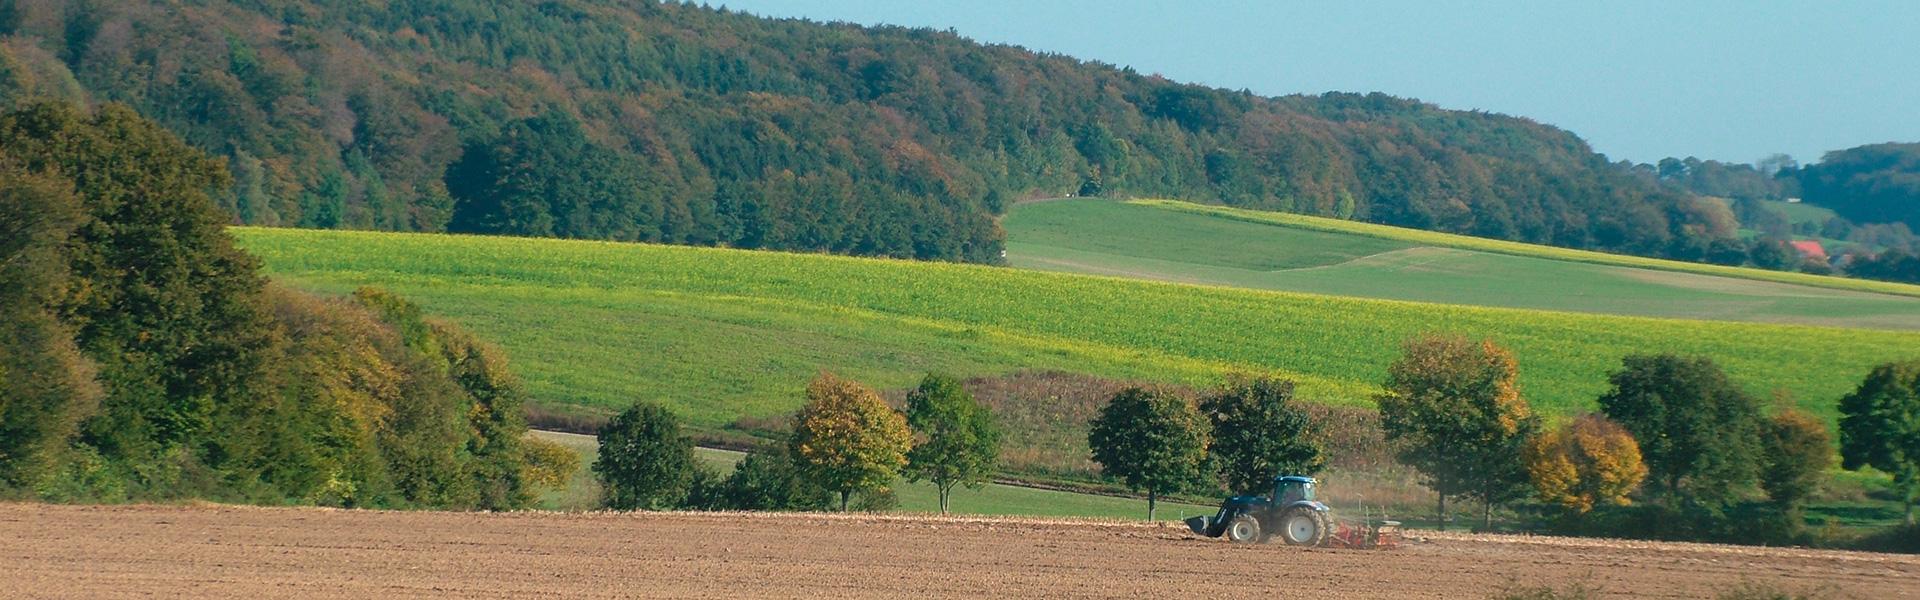 Fein Farm Farbseiten Fotos - Druckbare Malvorlagen - amaichi.info